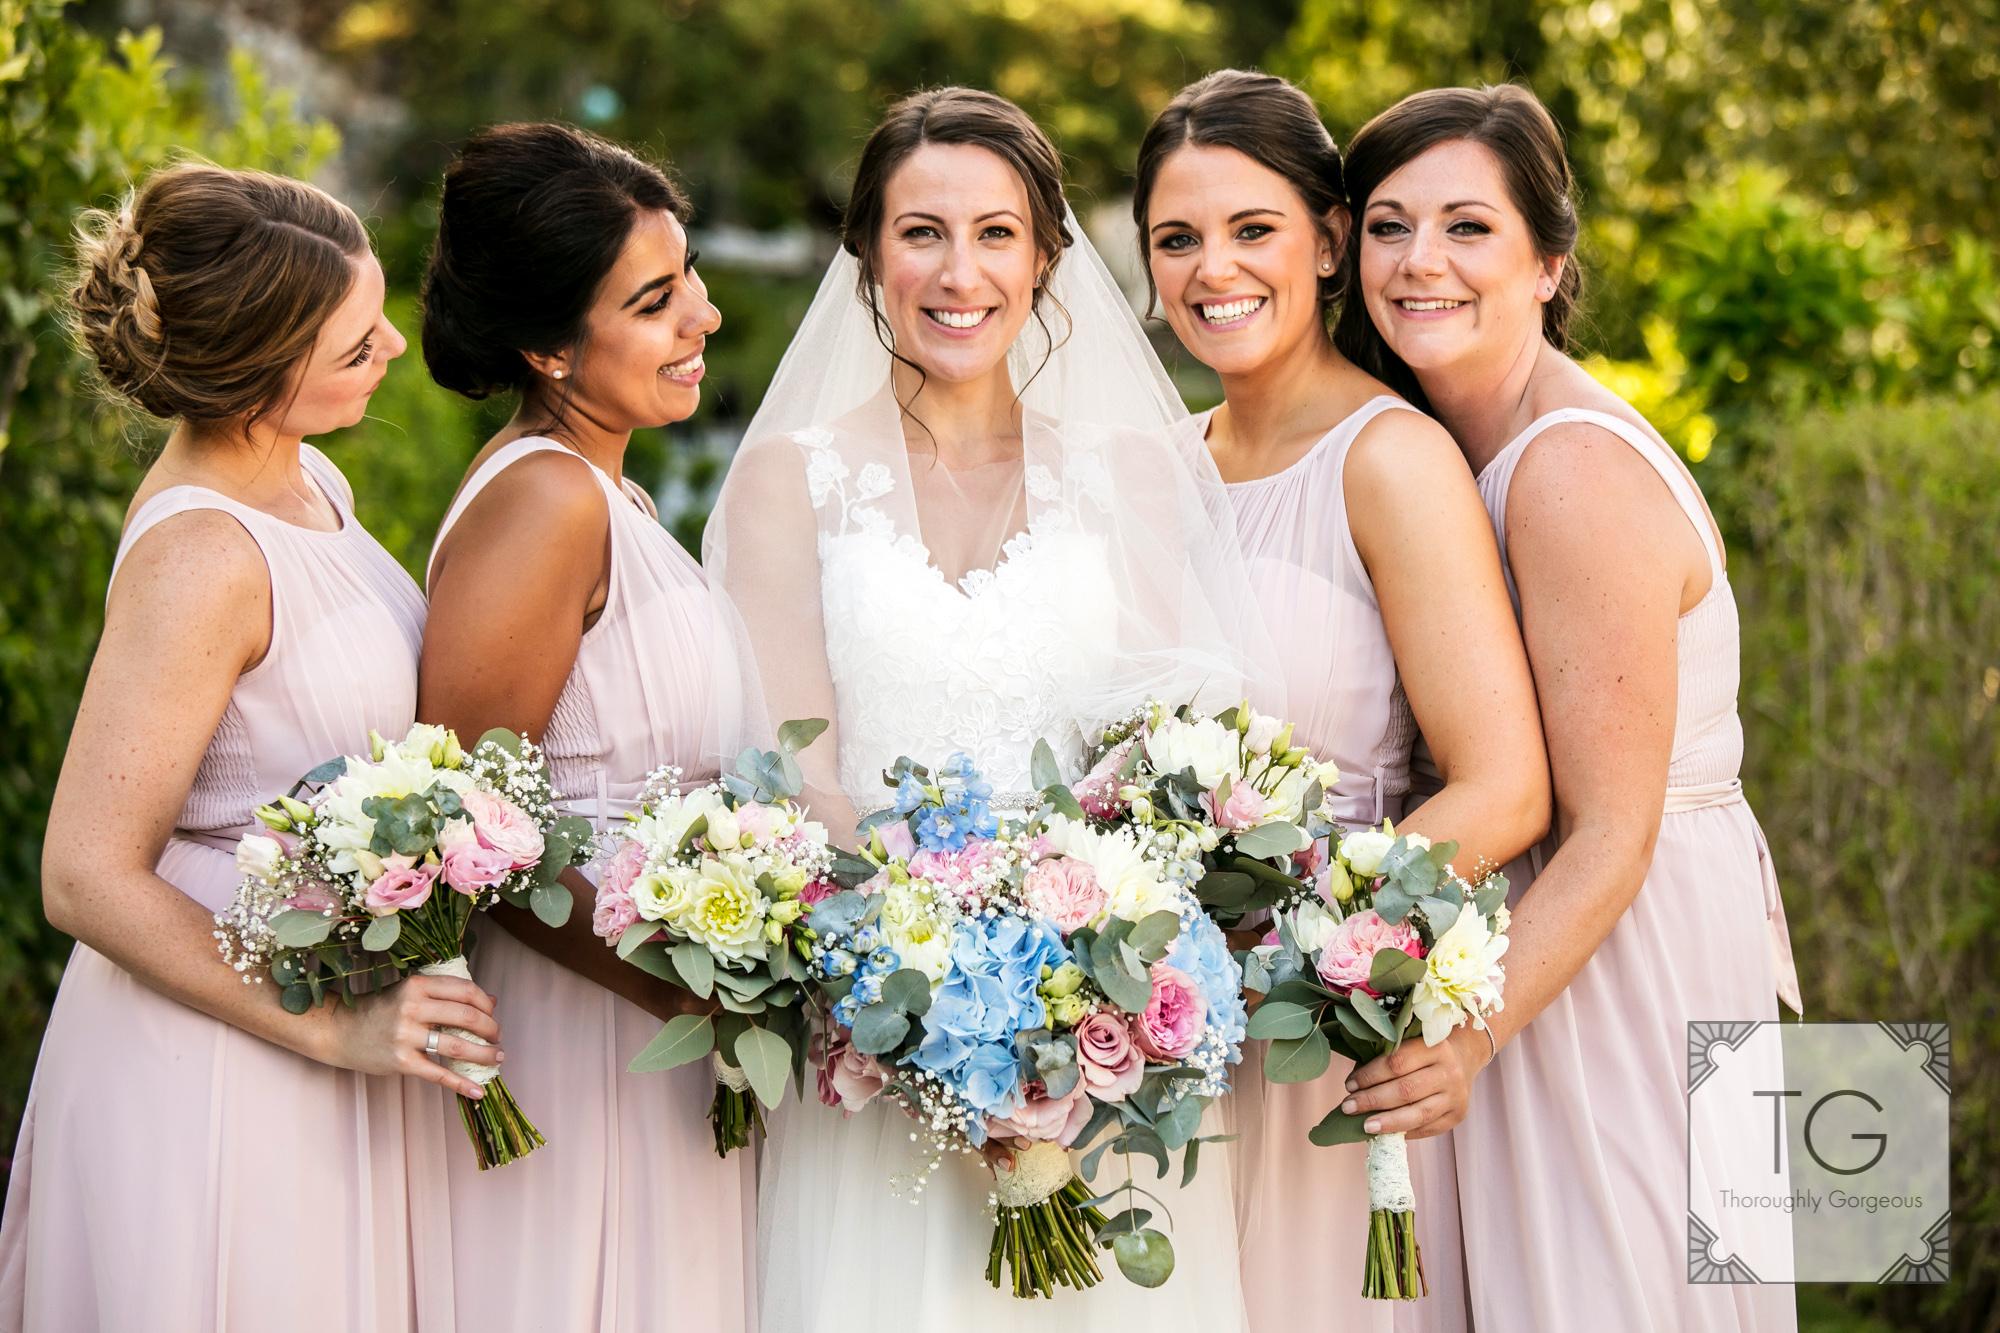 Bride an bridesmaids at a villa wedding